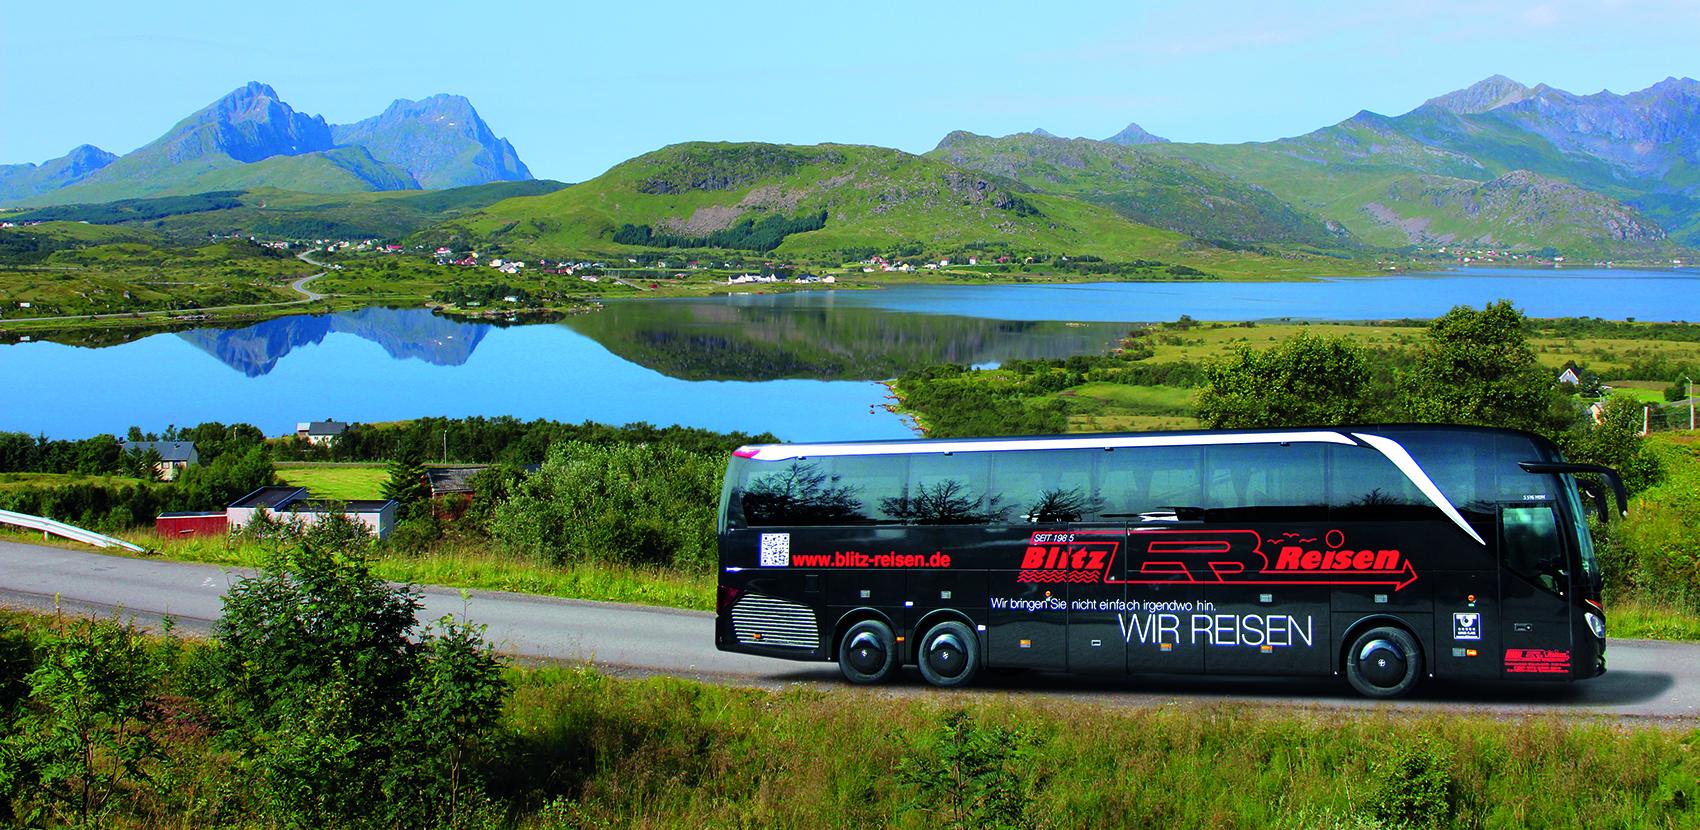 NEU Ein Blitz-Bus auf den Lofoten in Nordnorwegen